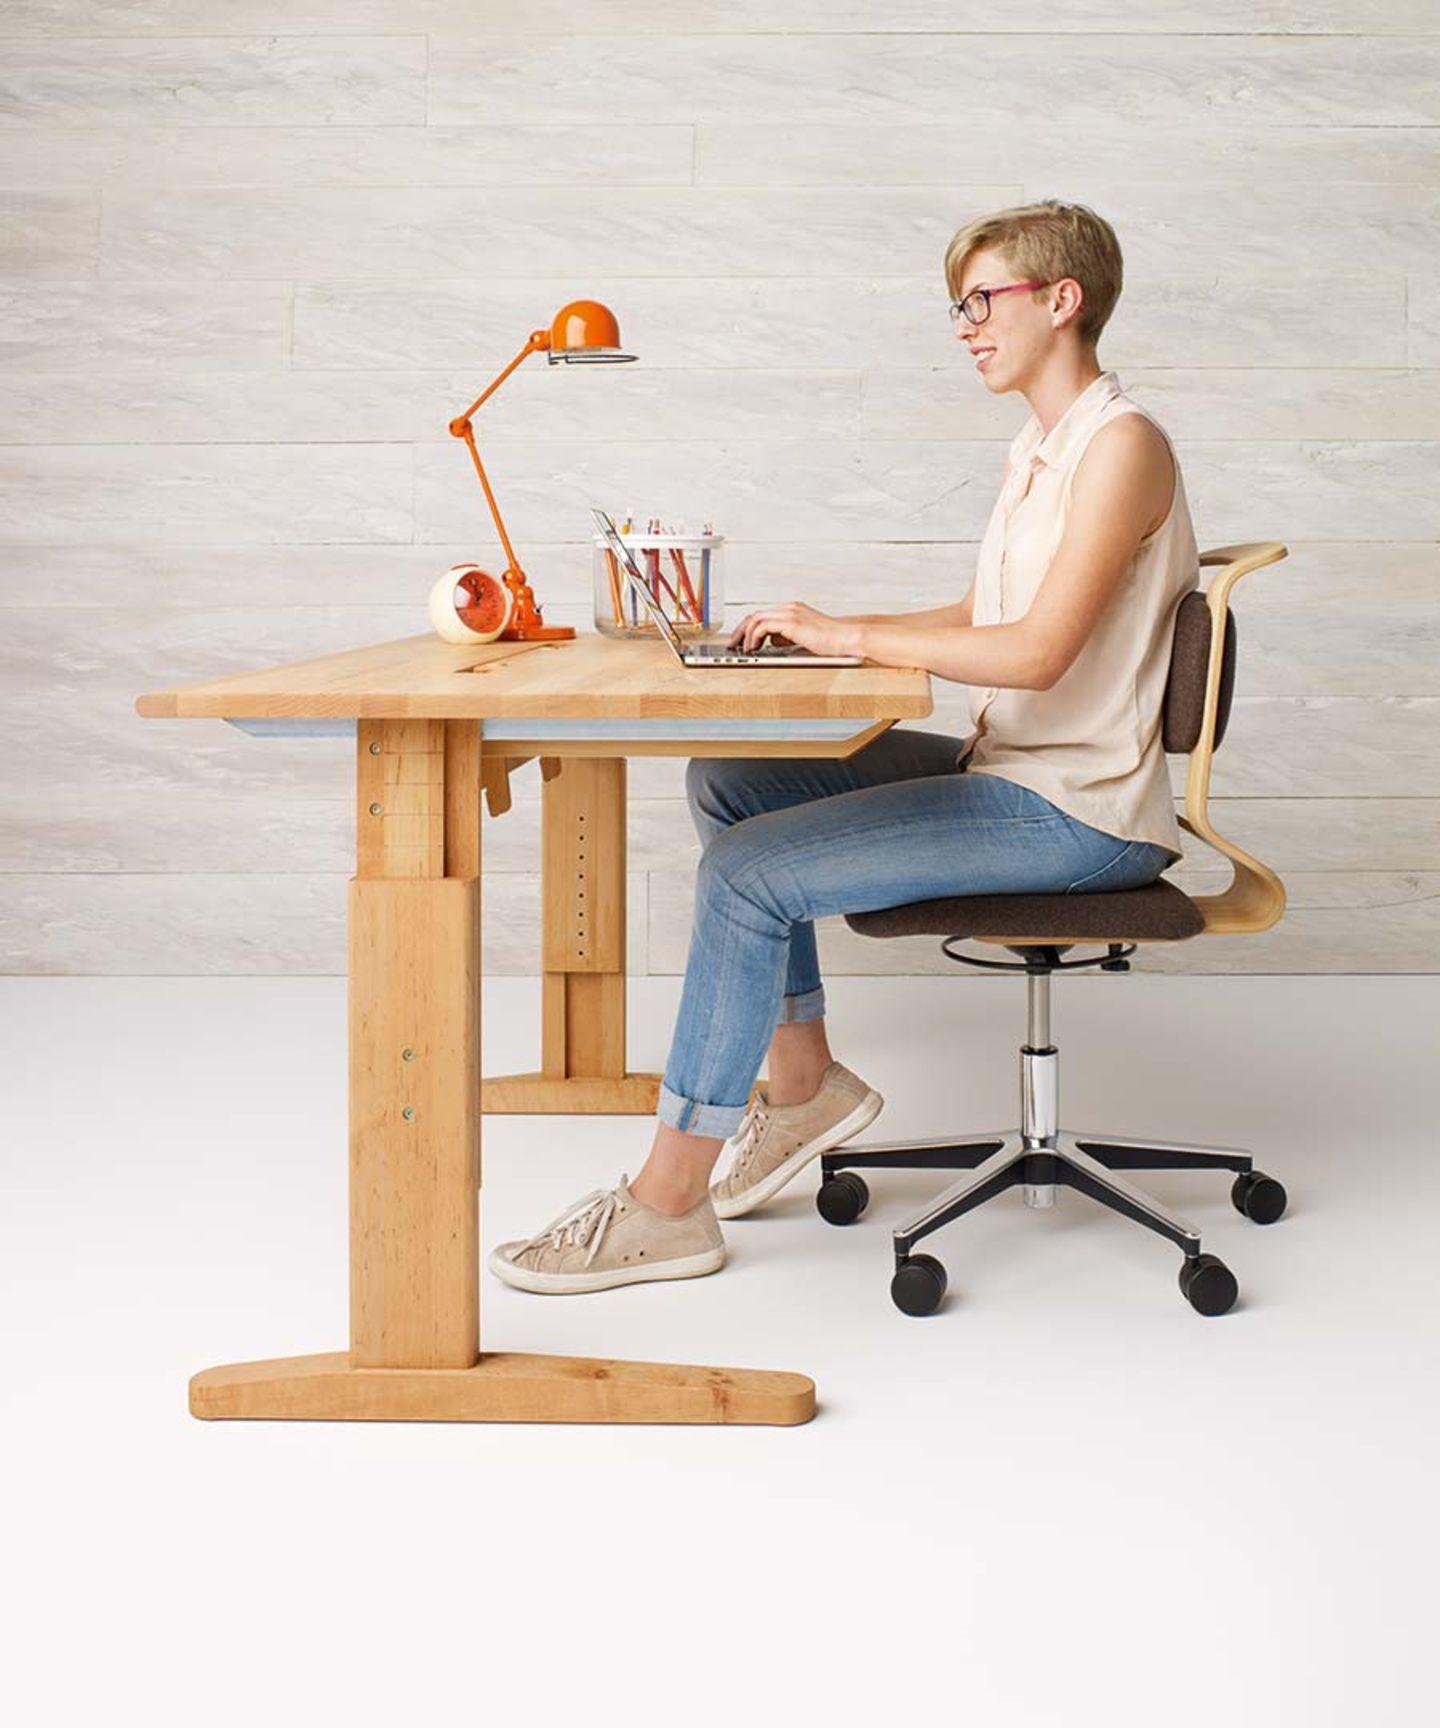 Höhenverstellbarer Schreibtisch mobile aus Naturholz